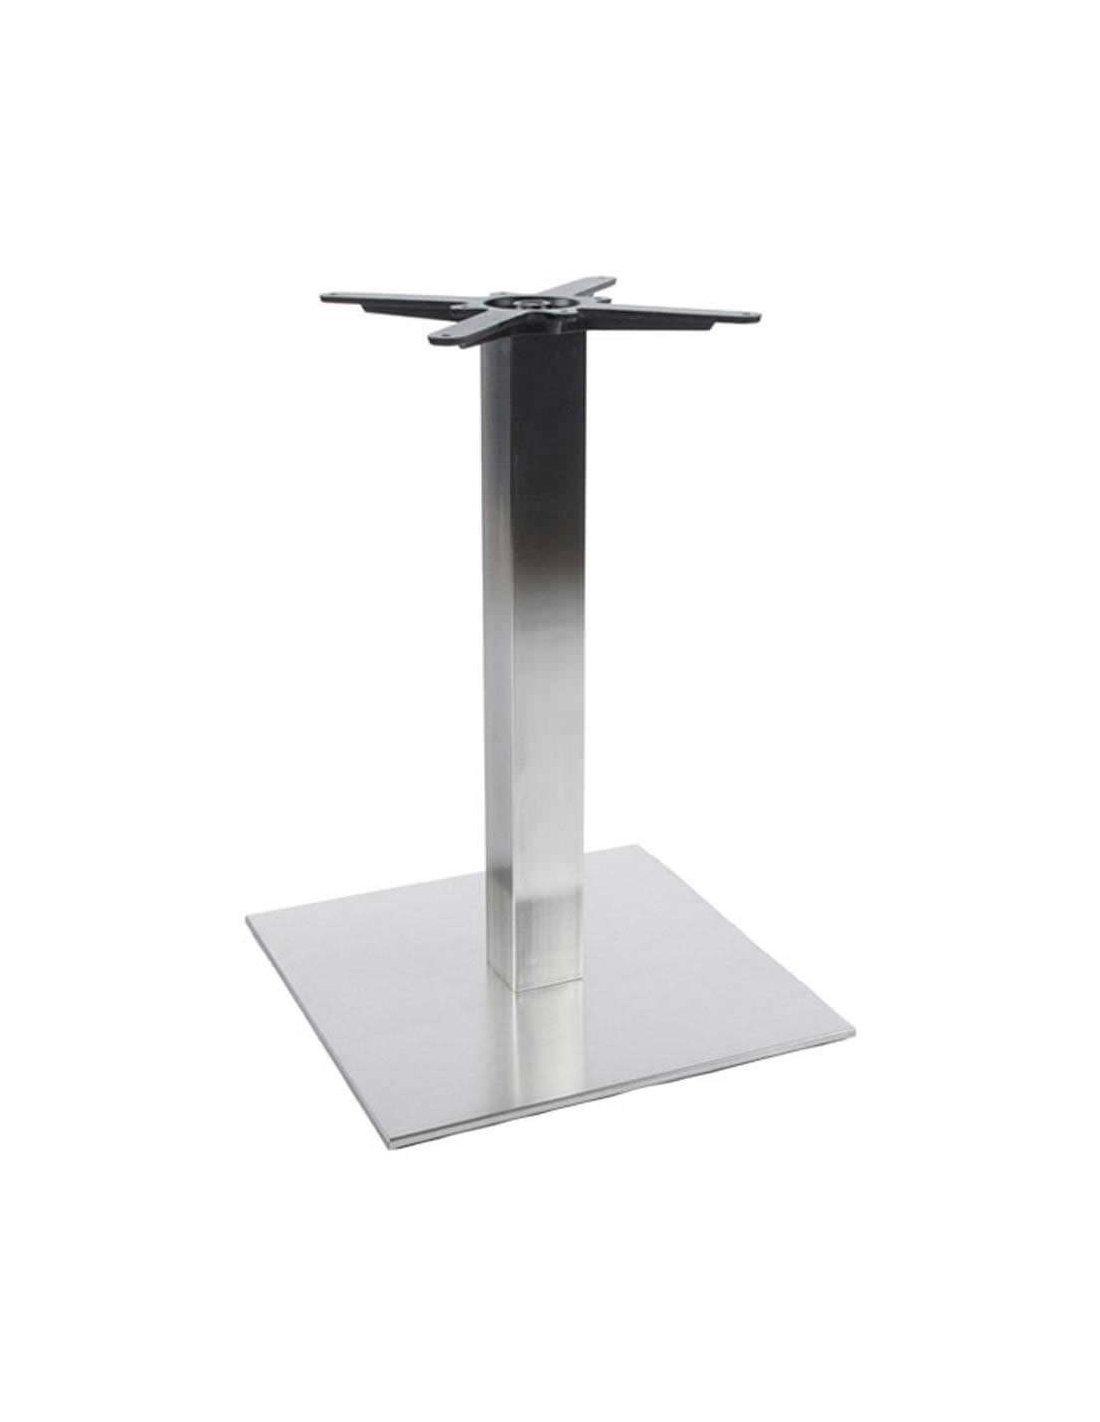 Pied De Table Inox.Pied De Table 75cm Kokoon Design Argent